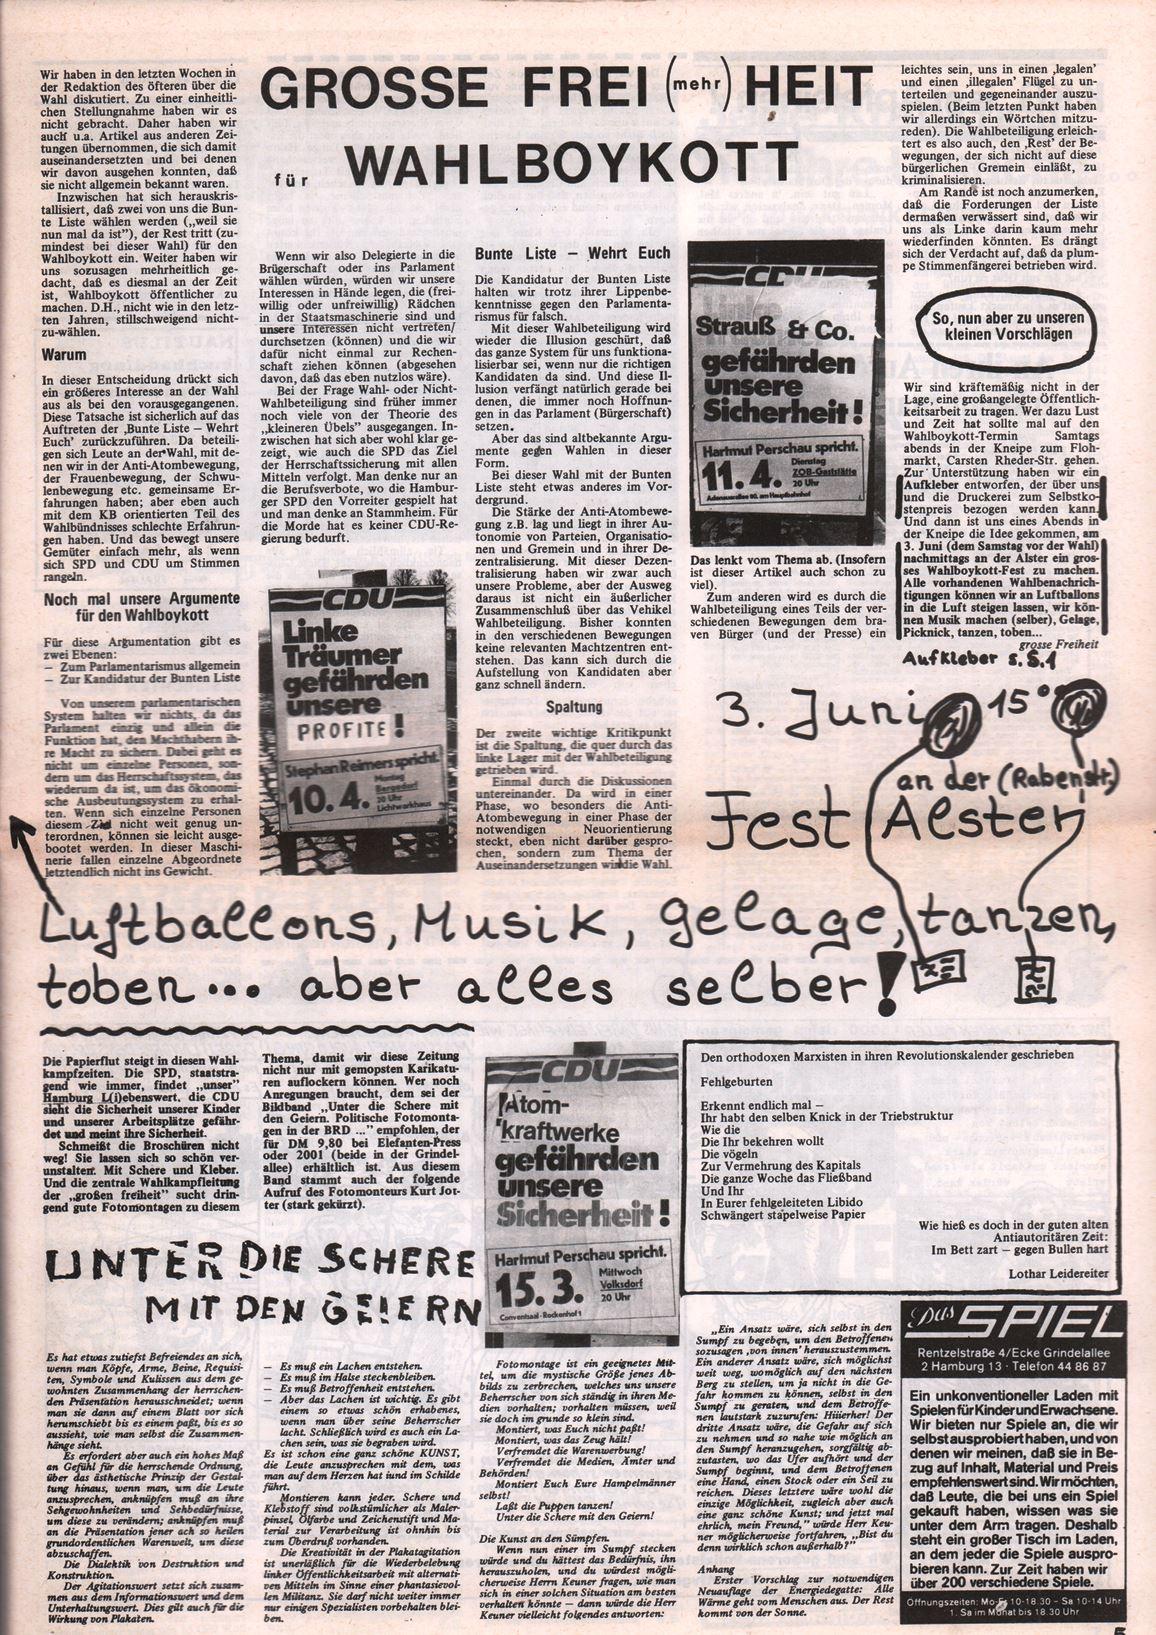 Hamburg_Grosse_Freiheit165